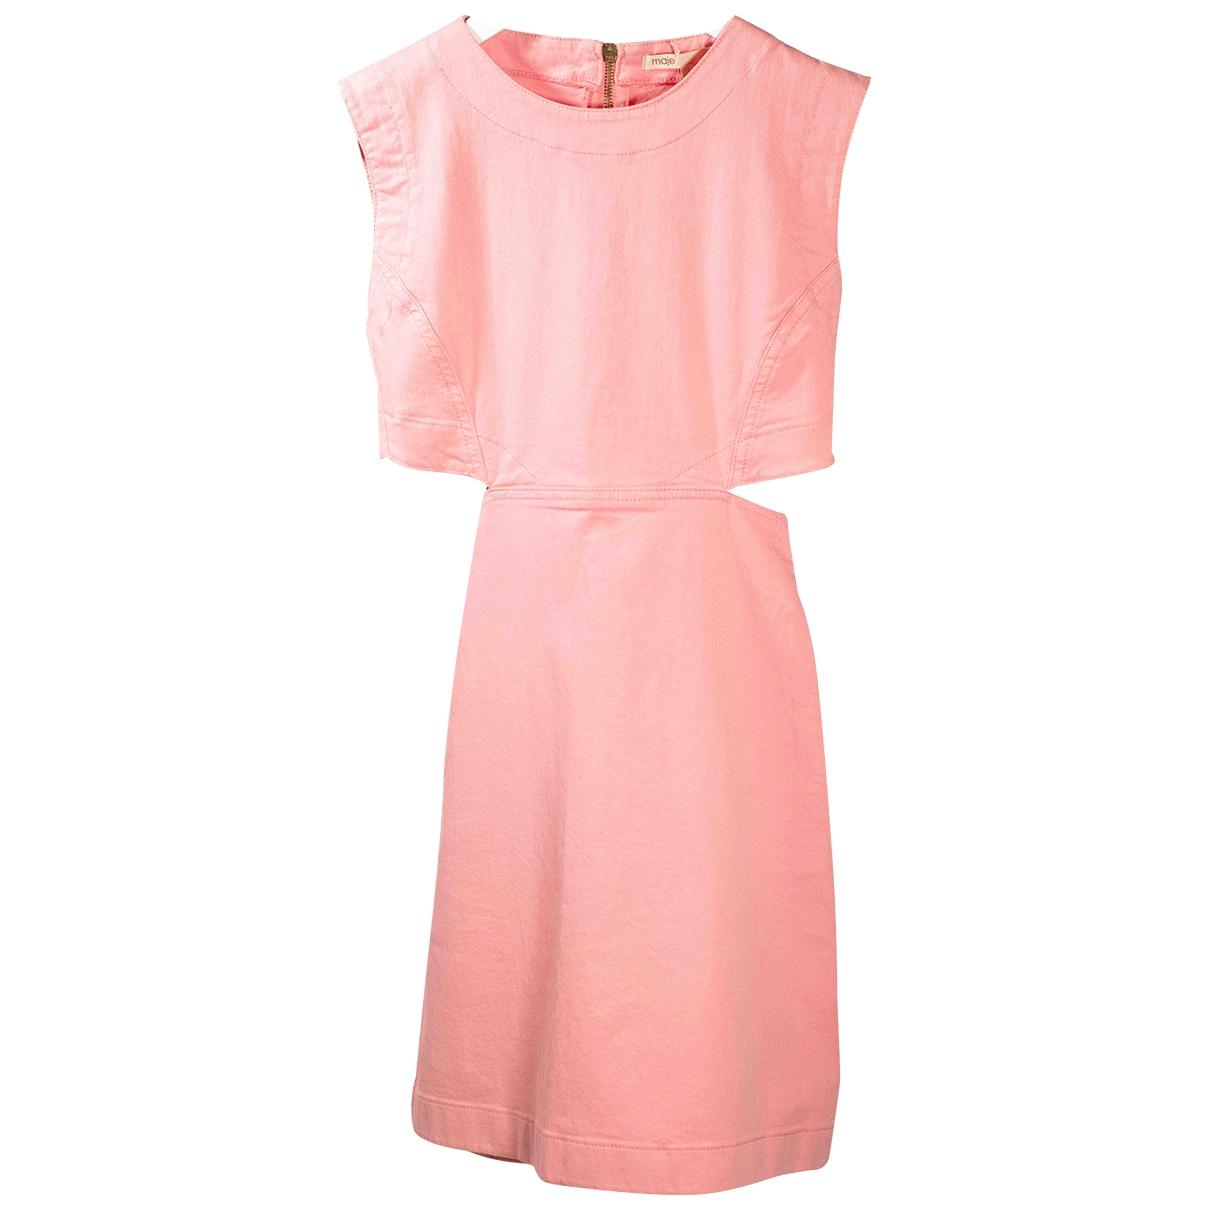 Maje \N Kleid in  Rosa Baumwolle - Elasthan